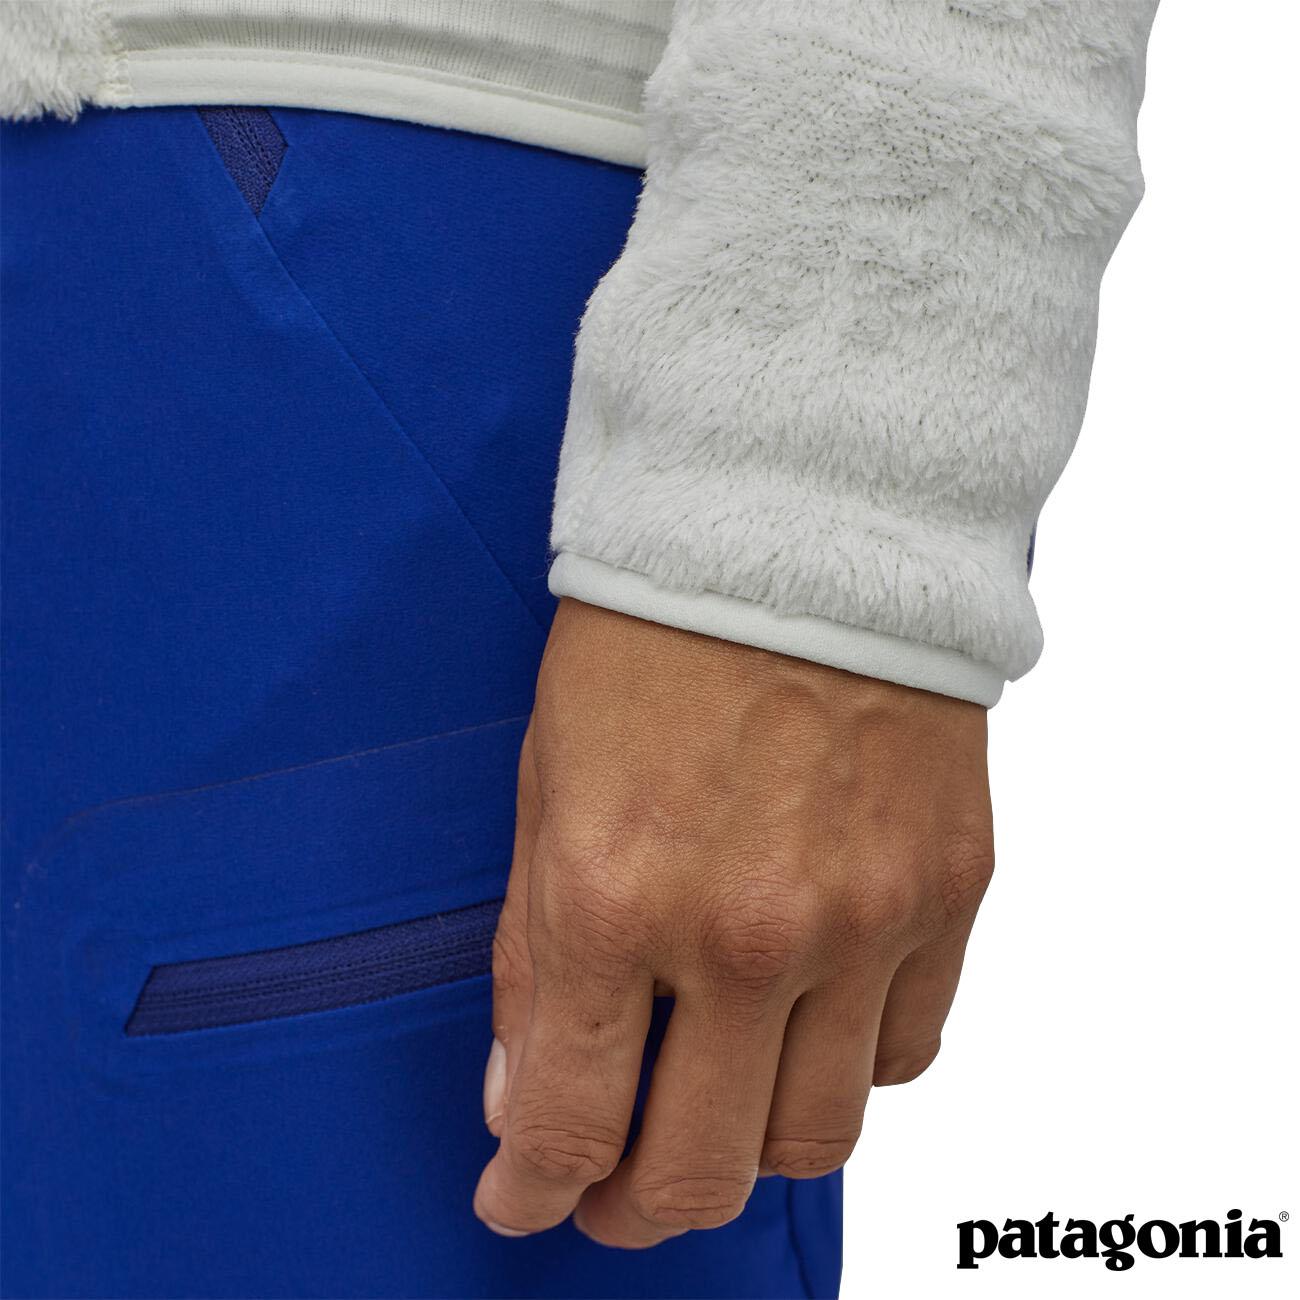 ウィメンズ・R2ジャケット 25149 / 【patagonia パタゴニア】